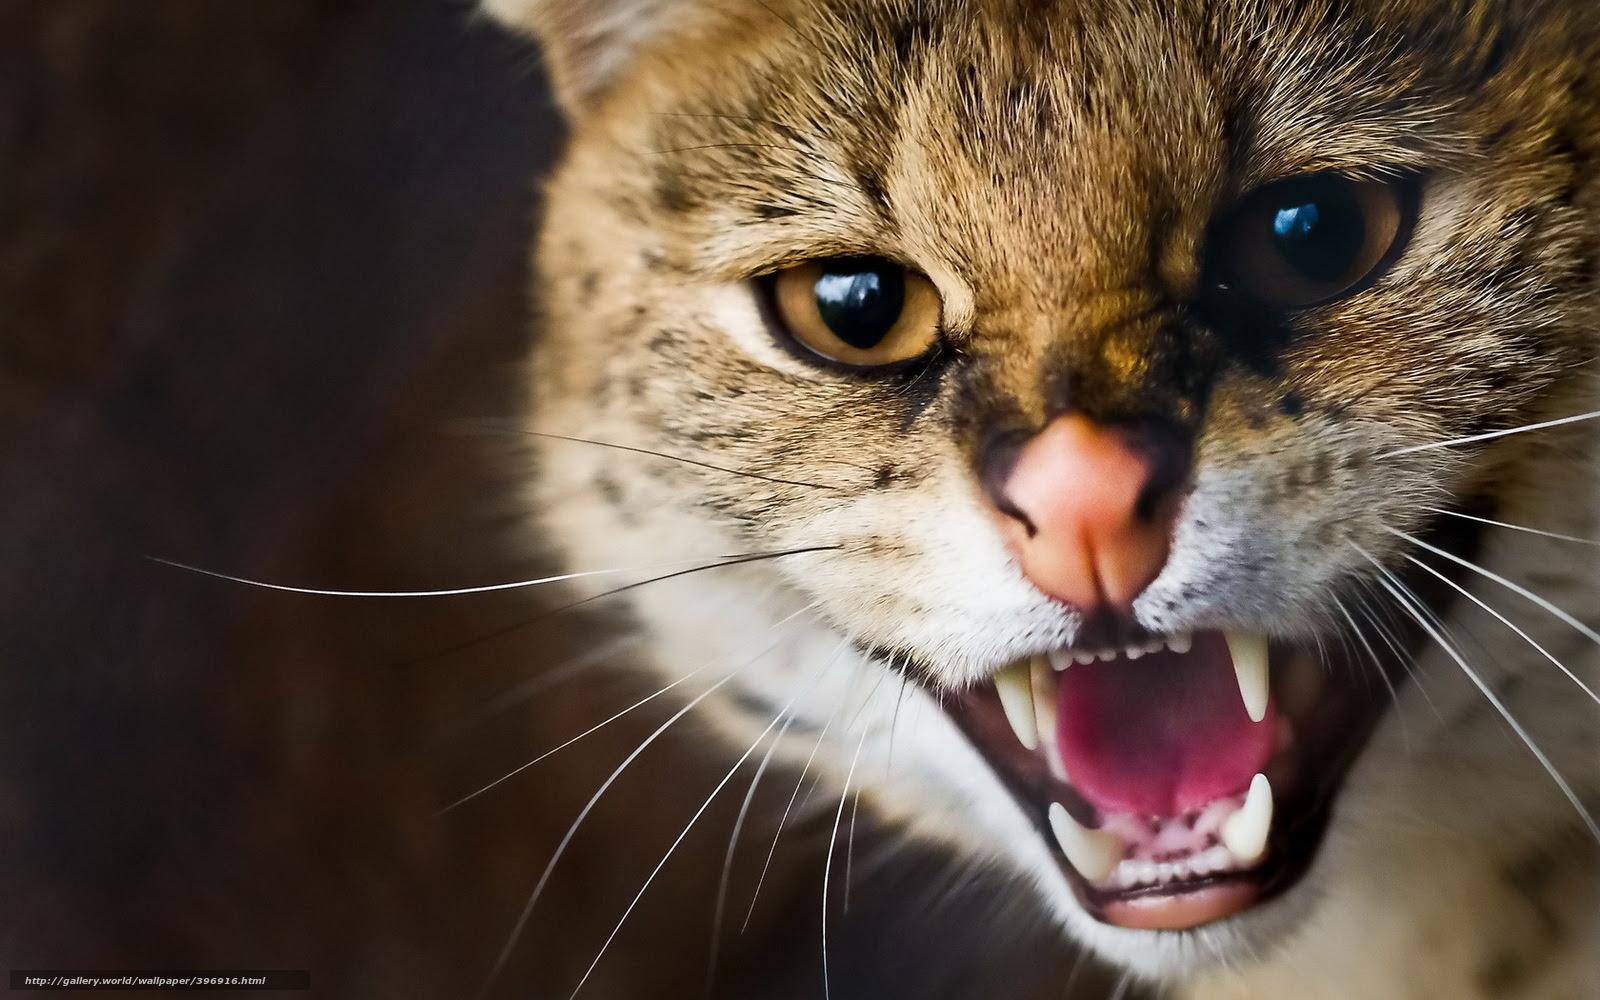 壁紙をダウンロード サーバル 山猫 スナウト 口ひげ デスクトップの